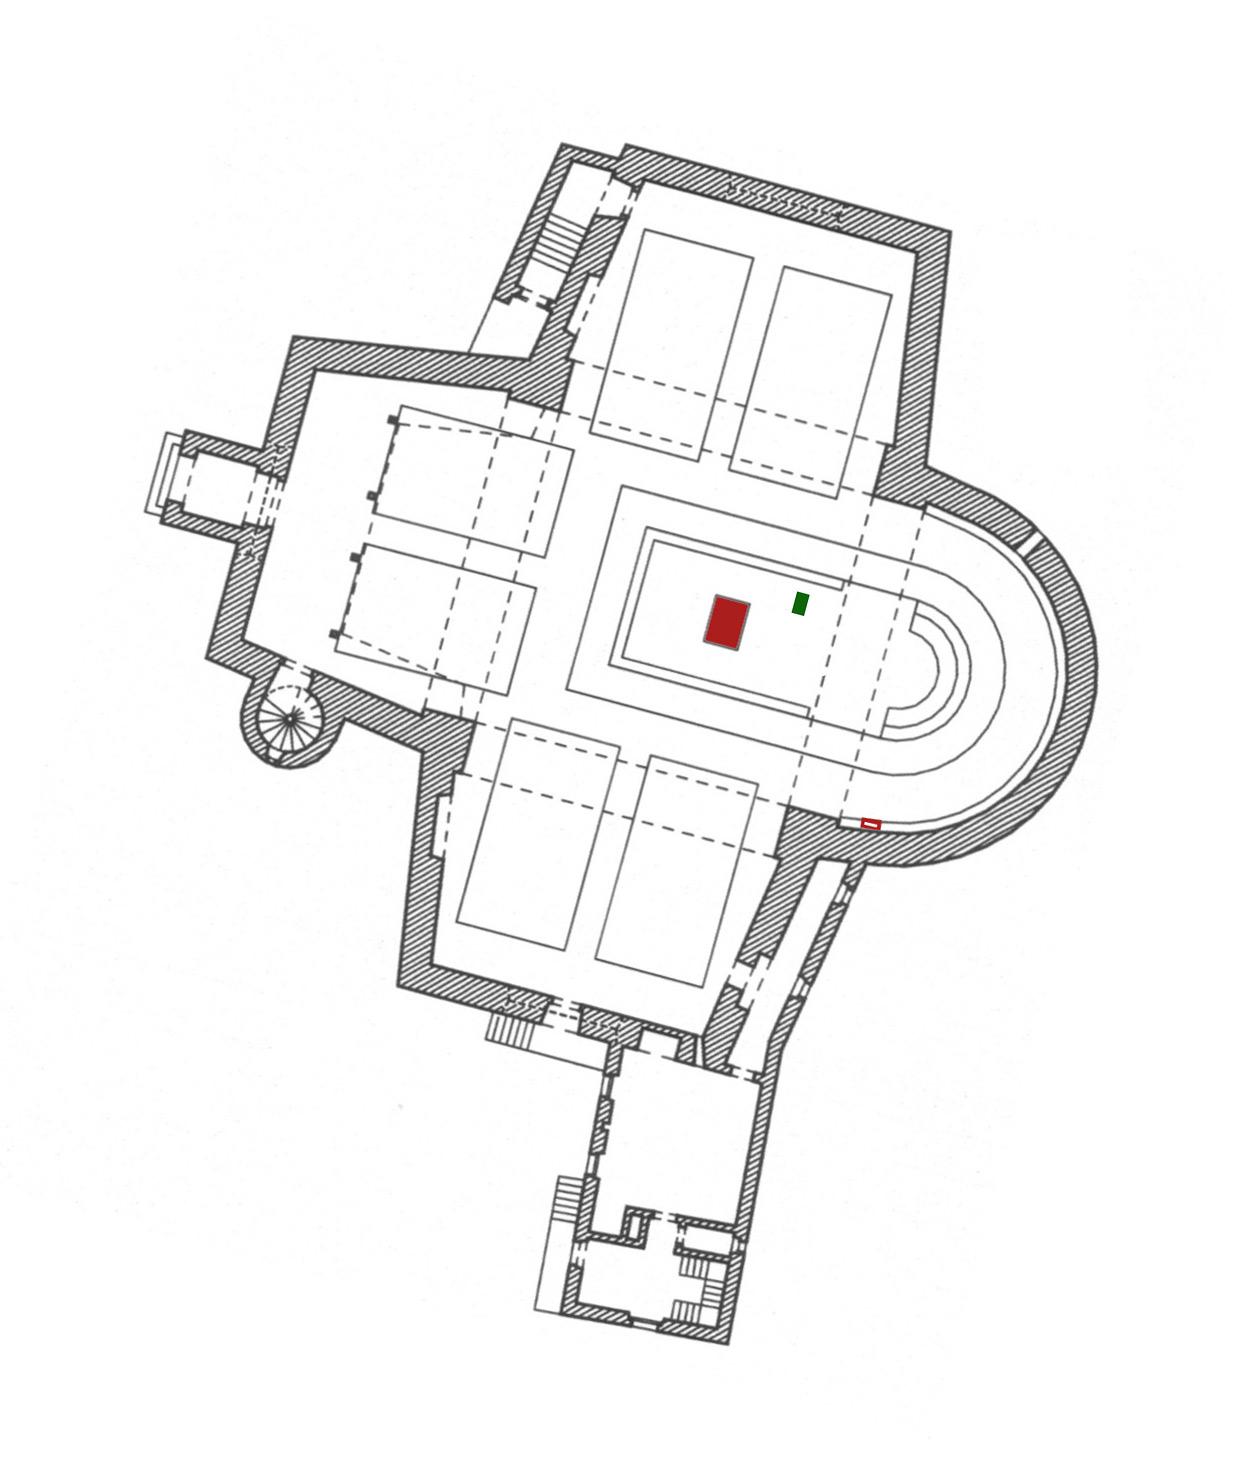 Cochem-Cond | St. Remaclus | Grundriss | Reissmann+Thiel, mit Genehmigung der Pfarrei Cochem-Cond